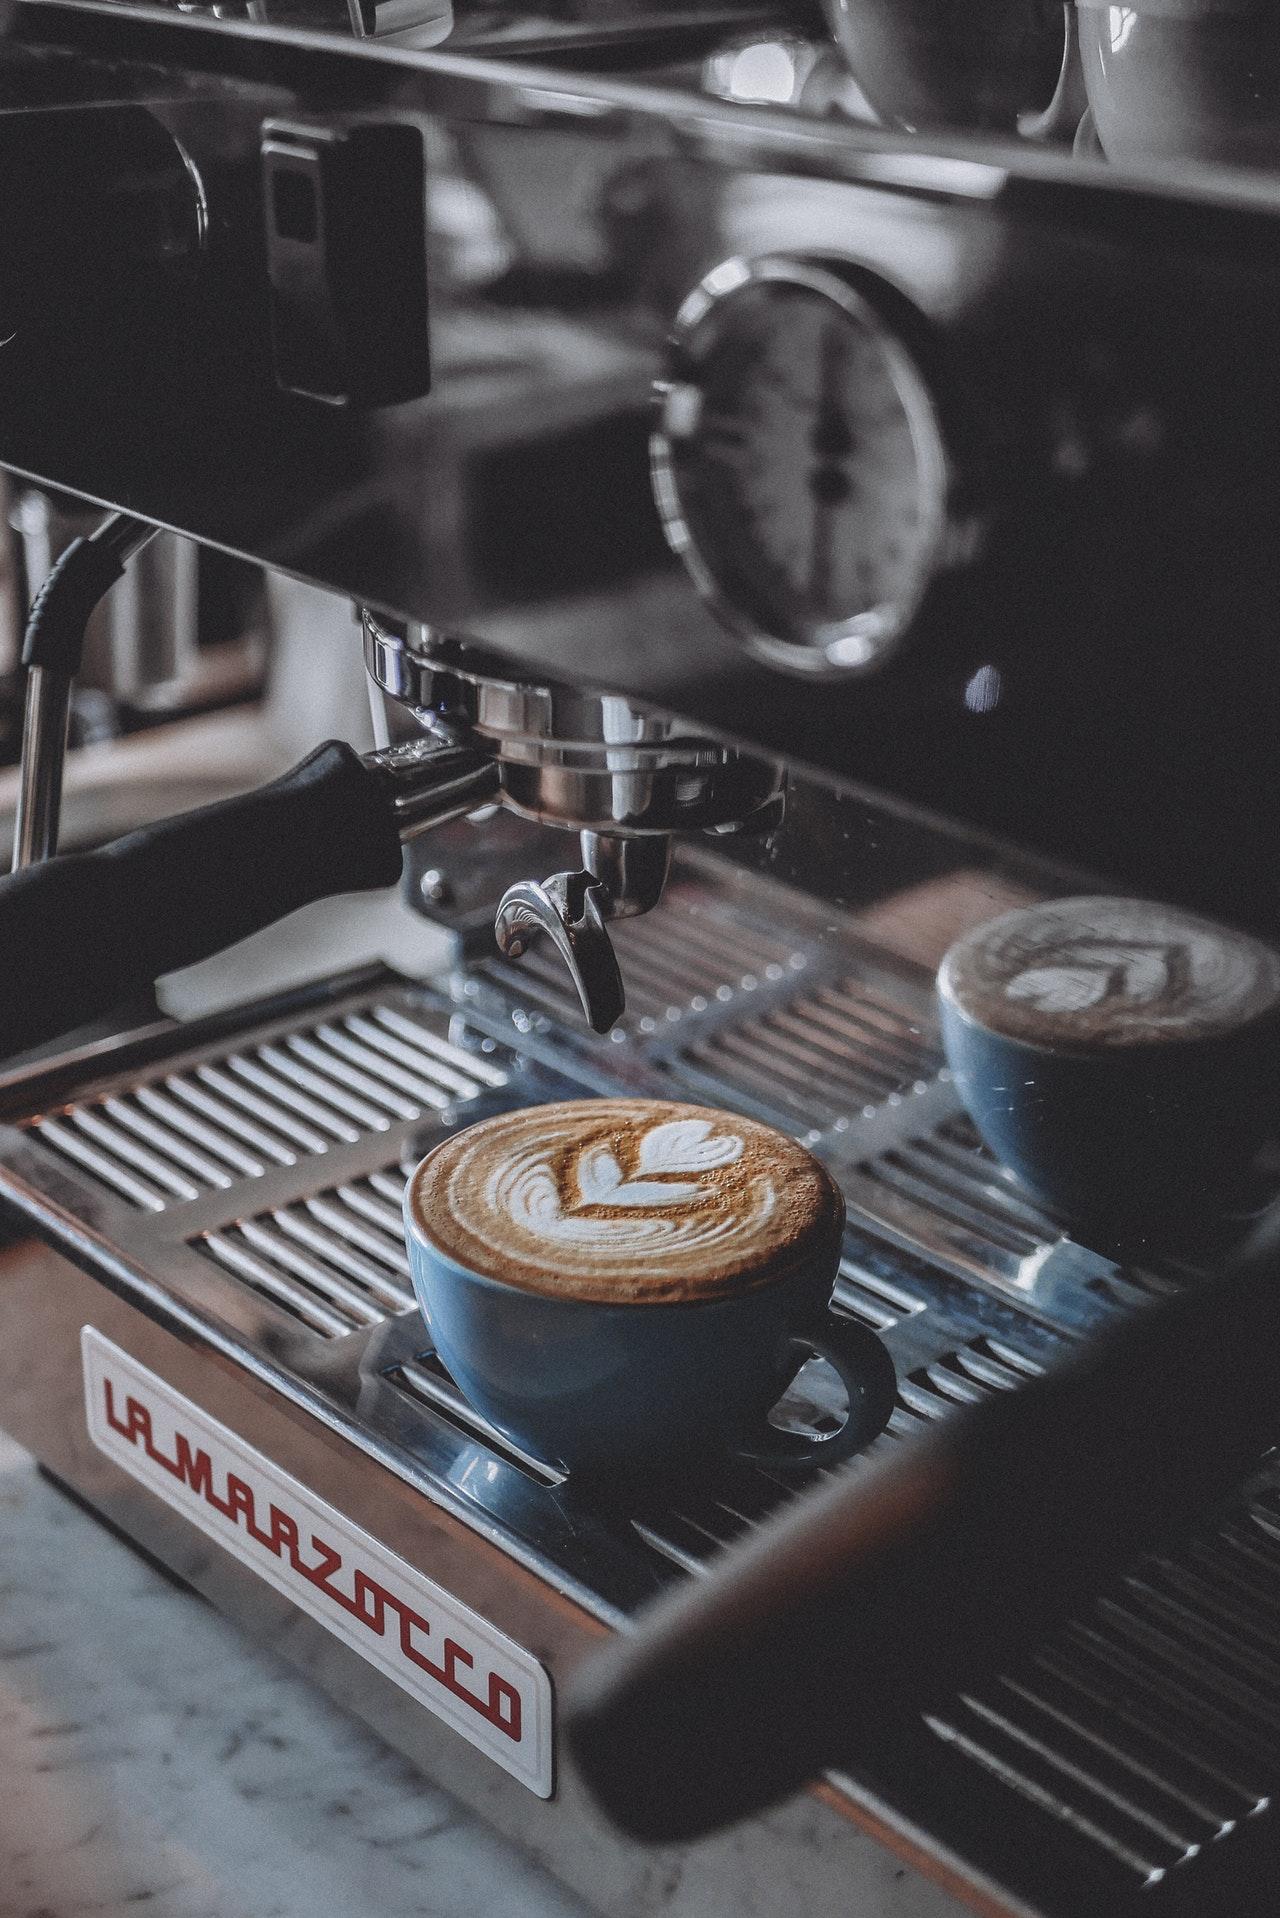 Eine solche professionelle Kaffeemaschine muss nicht unbedingt sein. So viel Geld muss nicht ausgegeben werden, um guten Kaffee zuzubereiten.